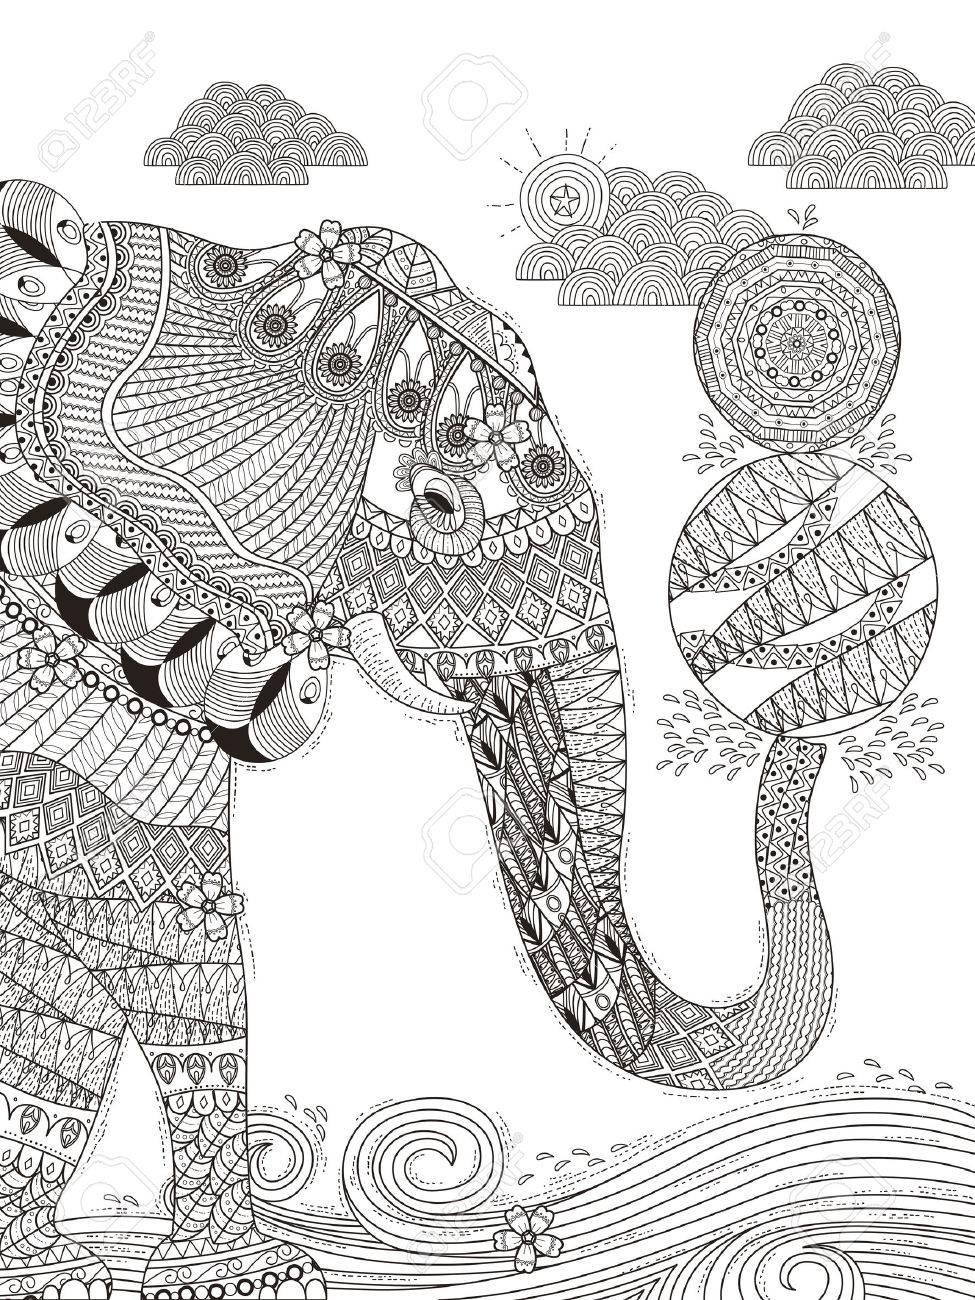 Herrlich Erwachsenen Malvorlagen Elefant Spielt Bälle Mit Seinem